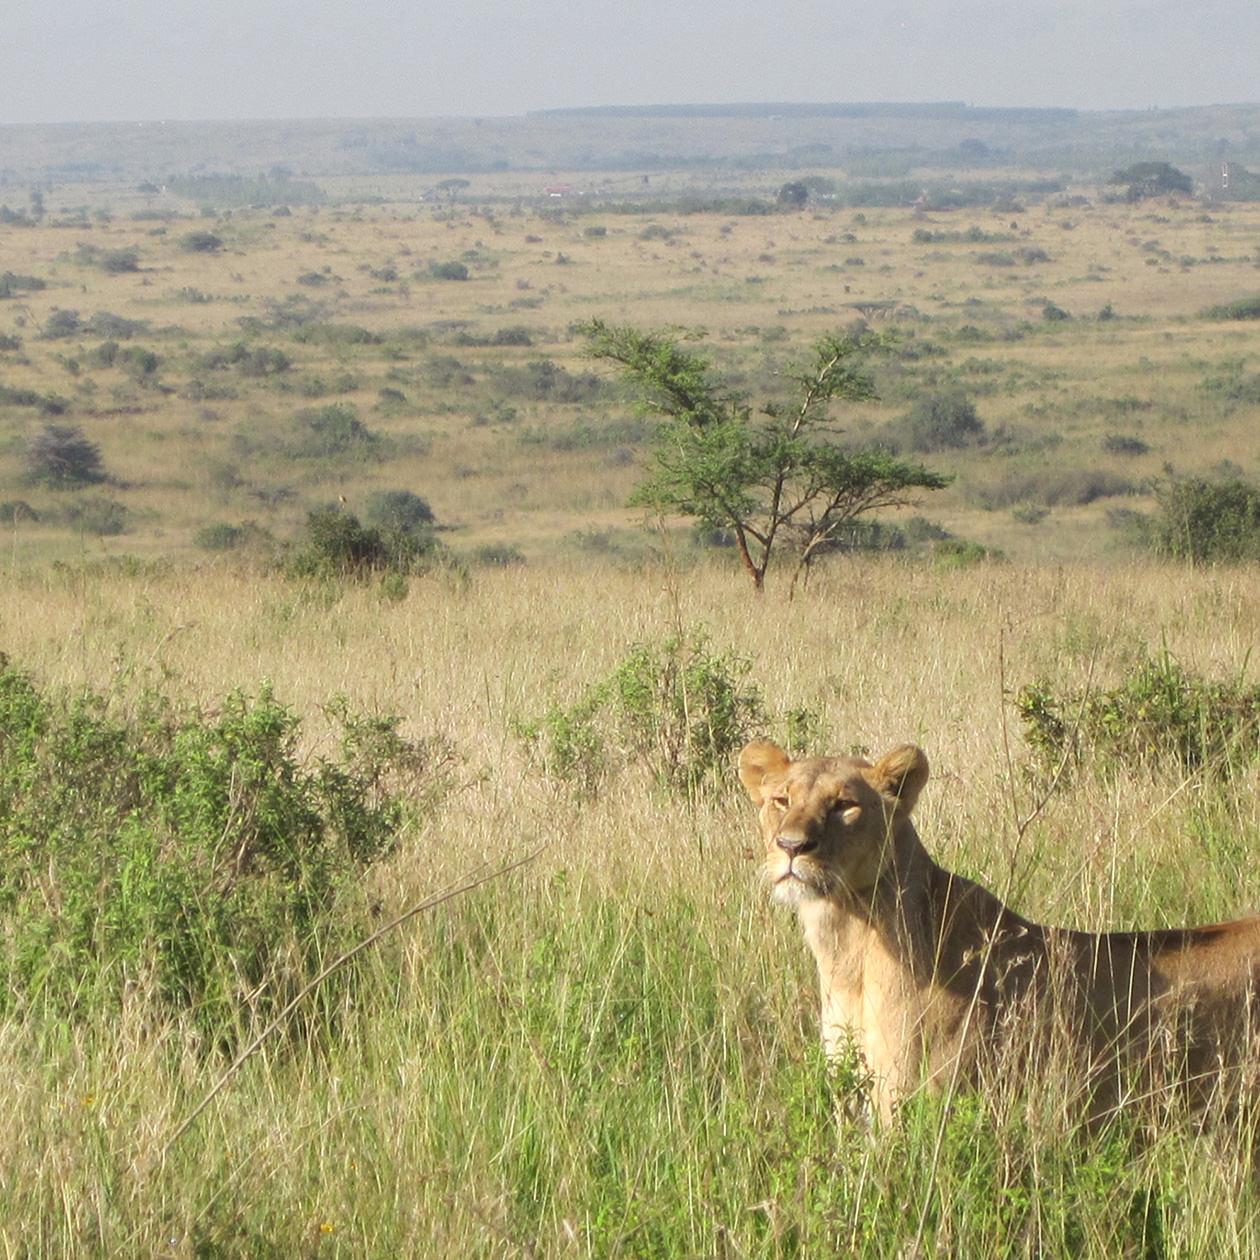 絶滅の恐れがある生きものの保護活動支援